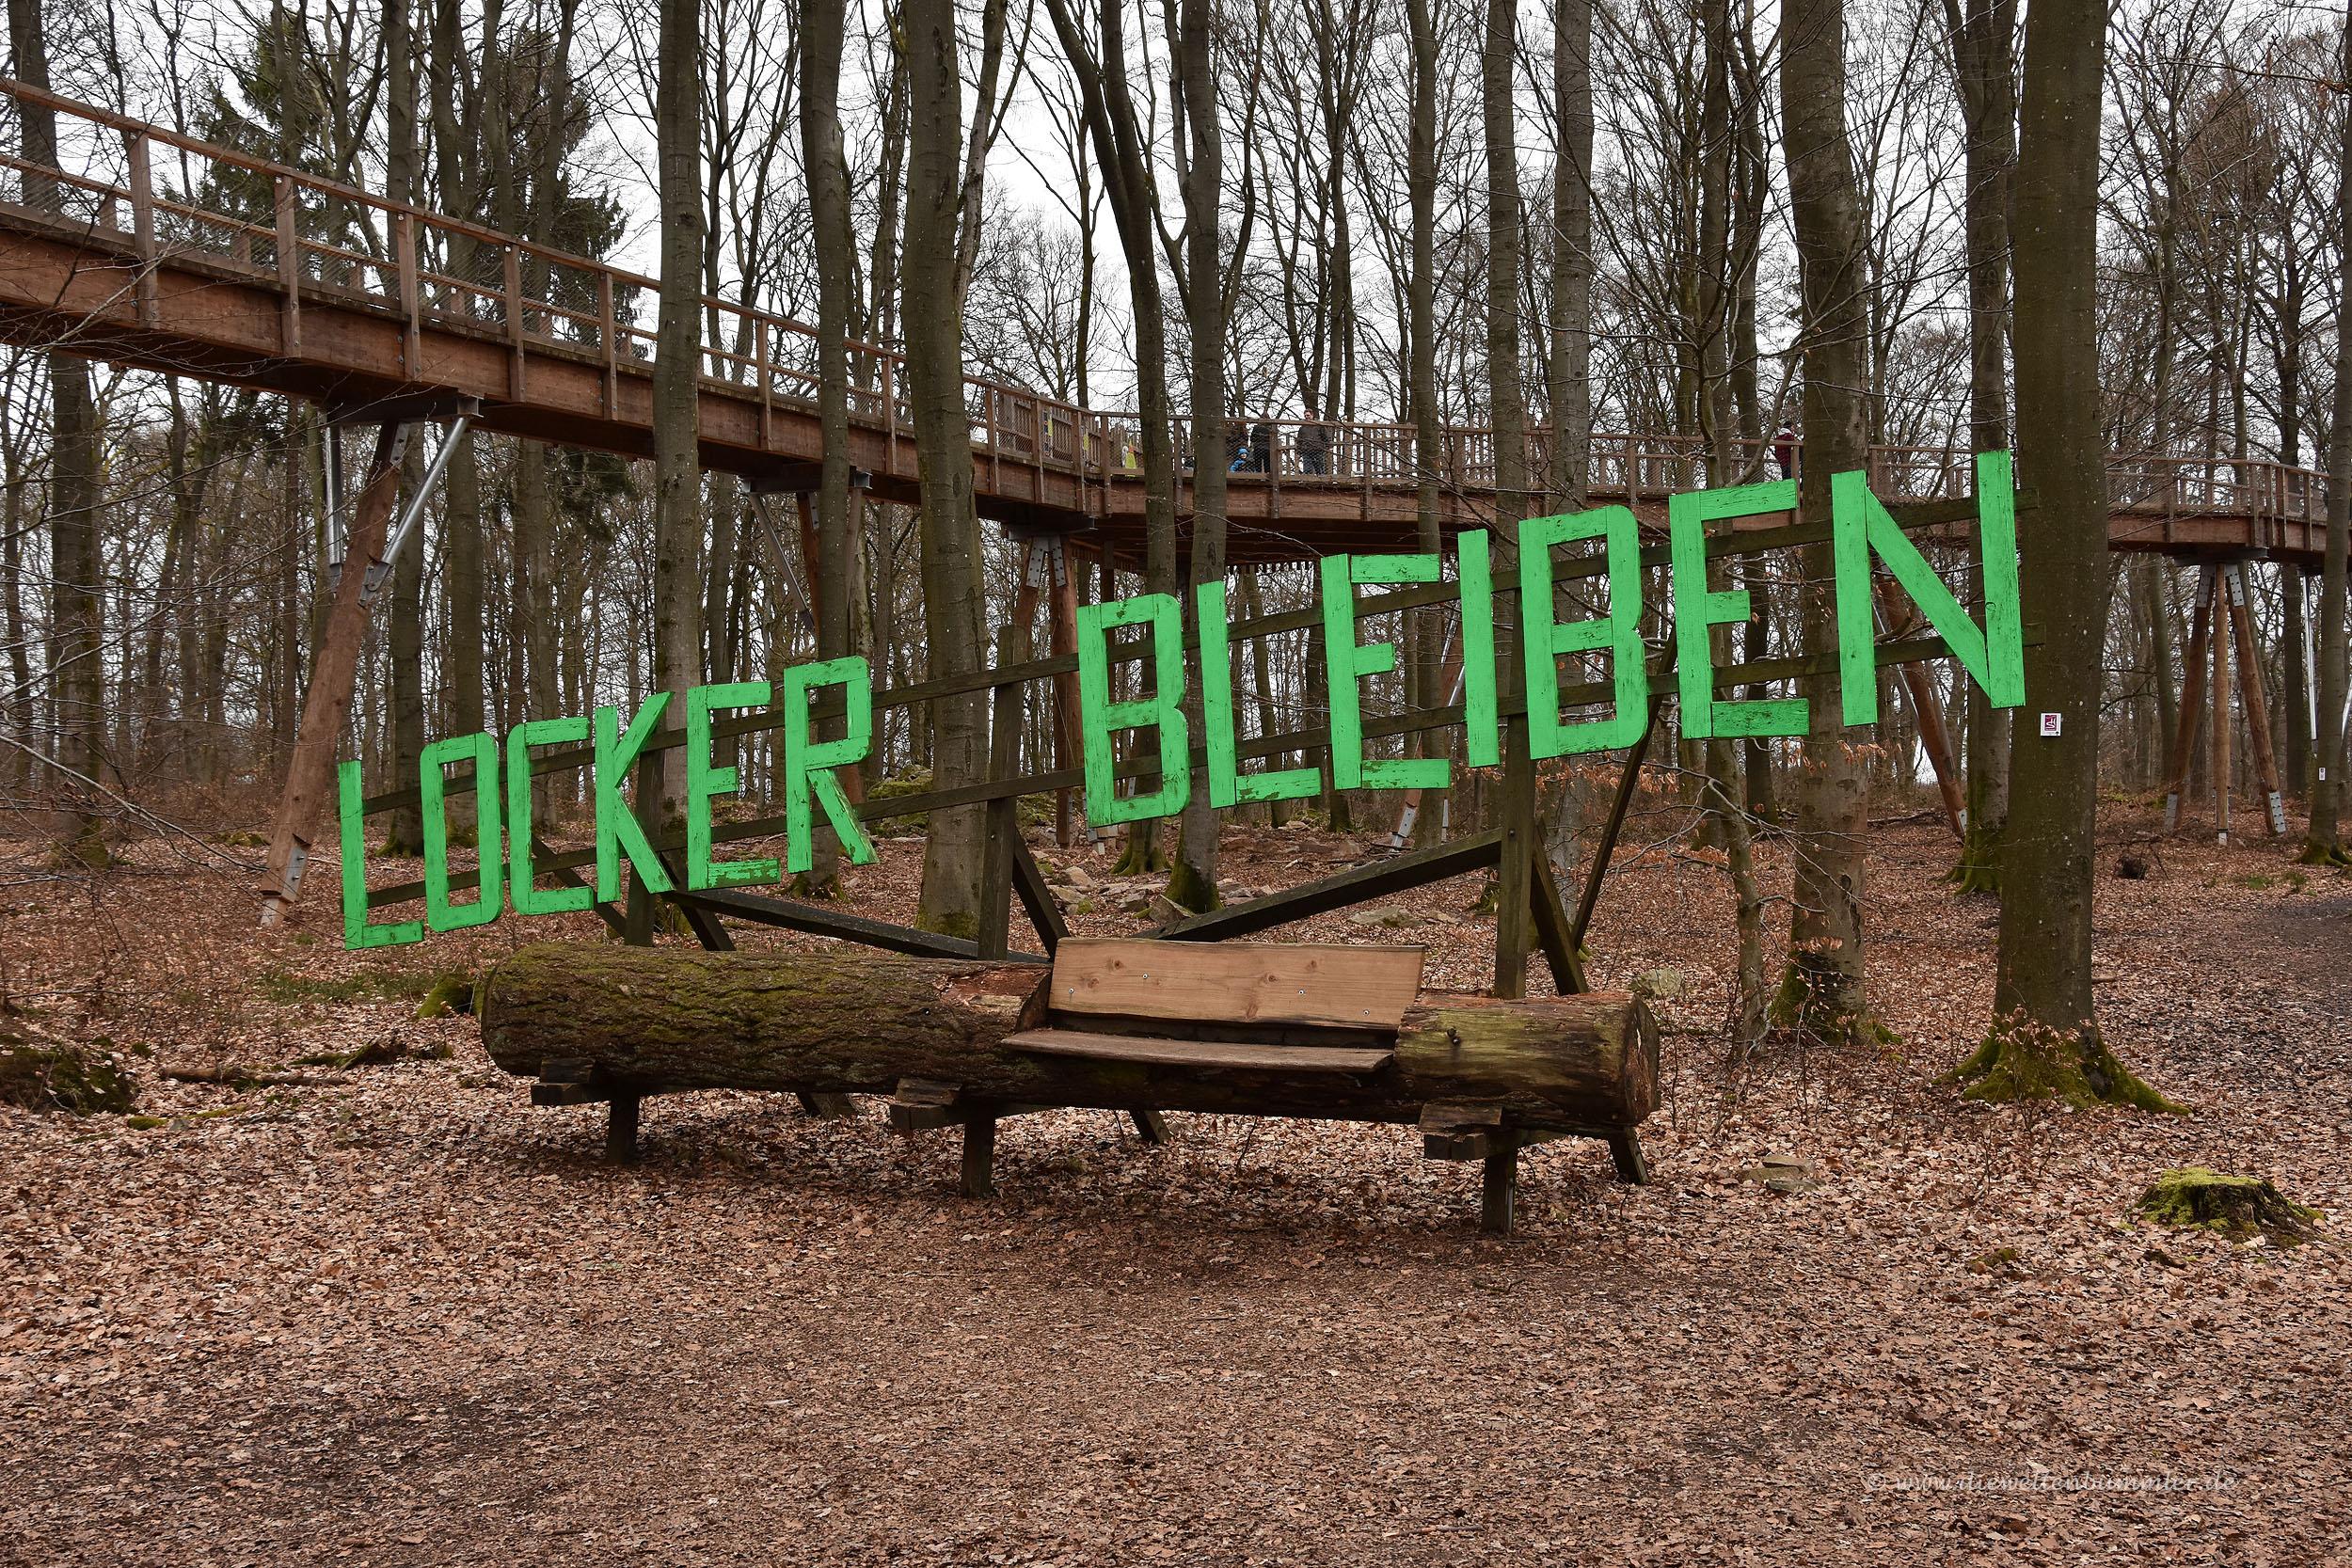 Offensichtlich Kunst im Wald